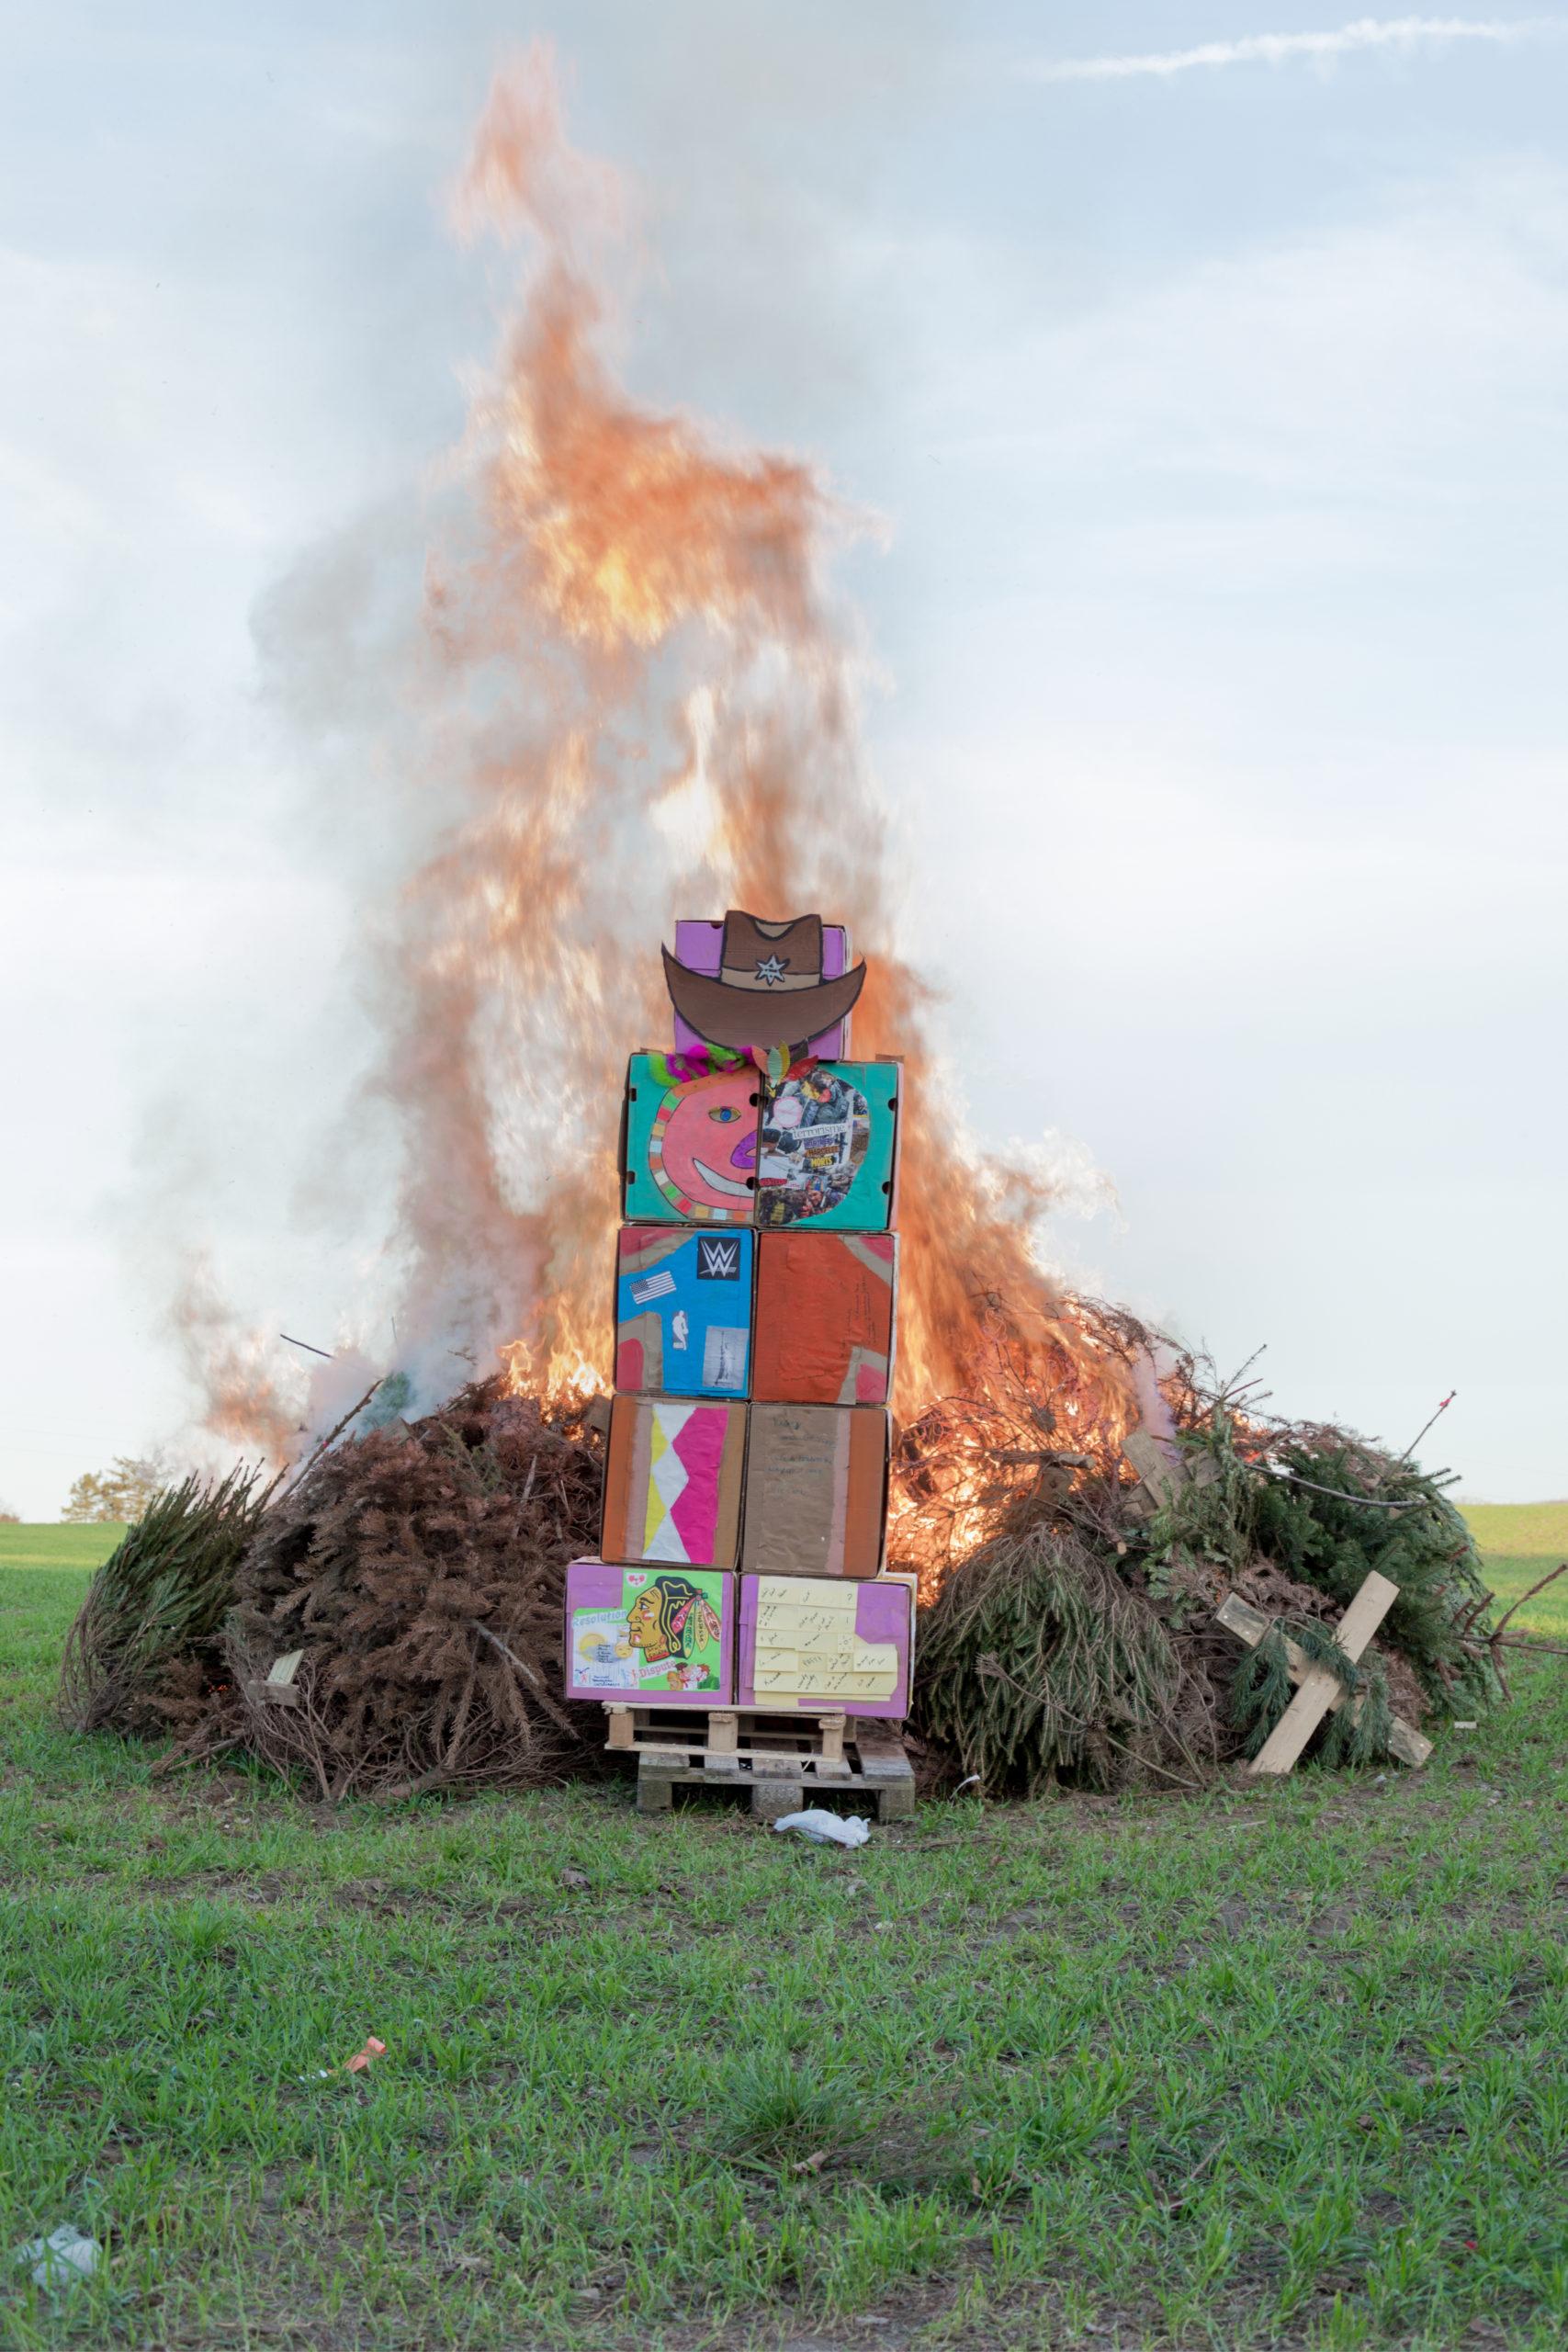 Feu de joie dans un champ avec un totem en carton sur le thème des cow-boys